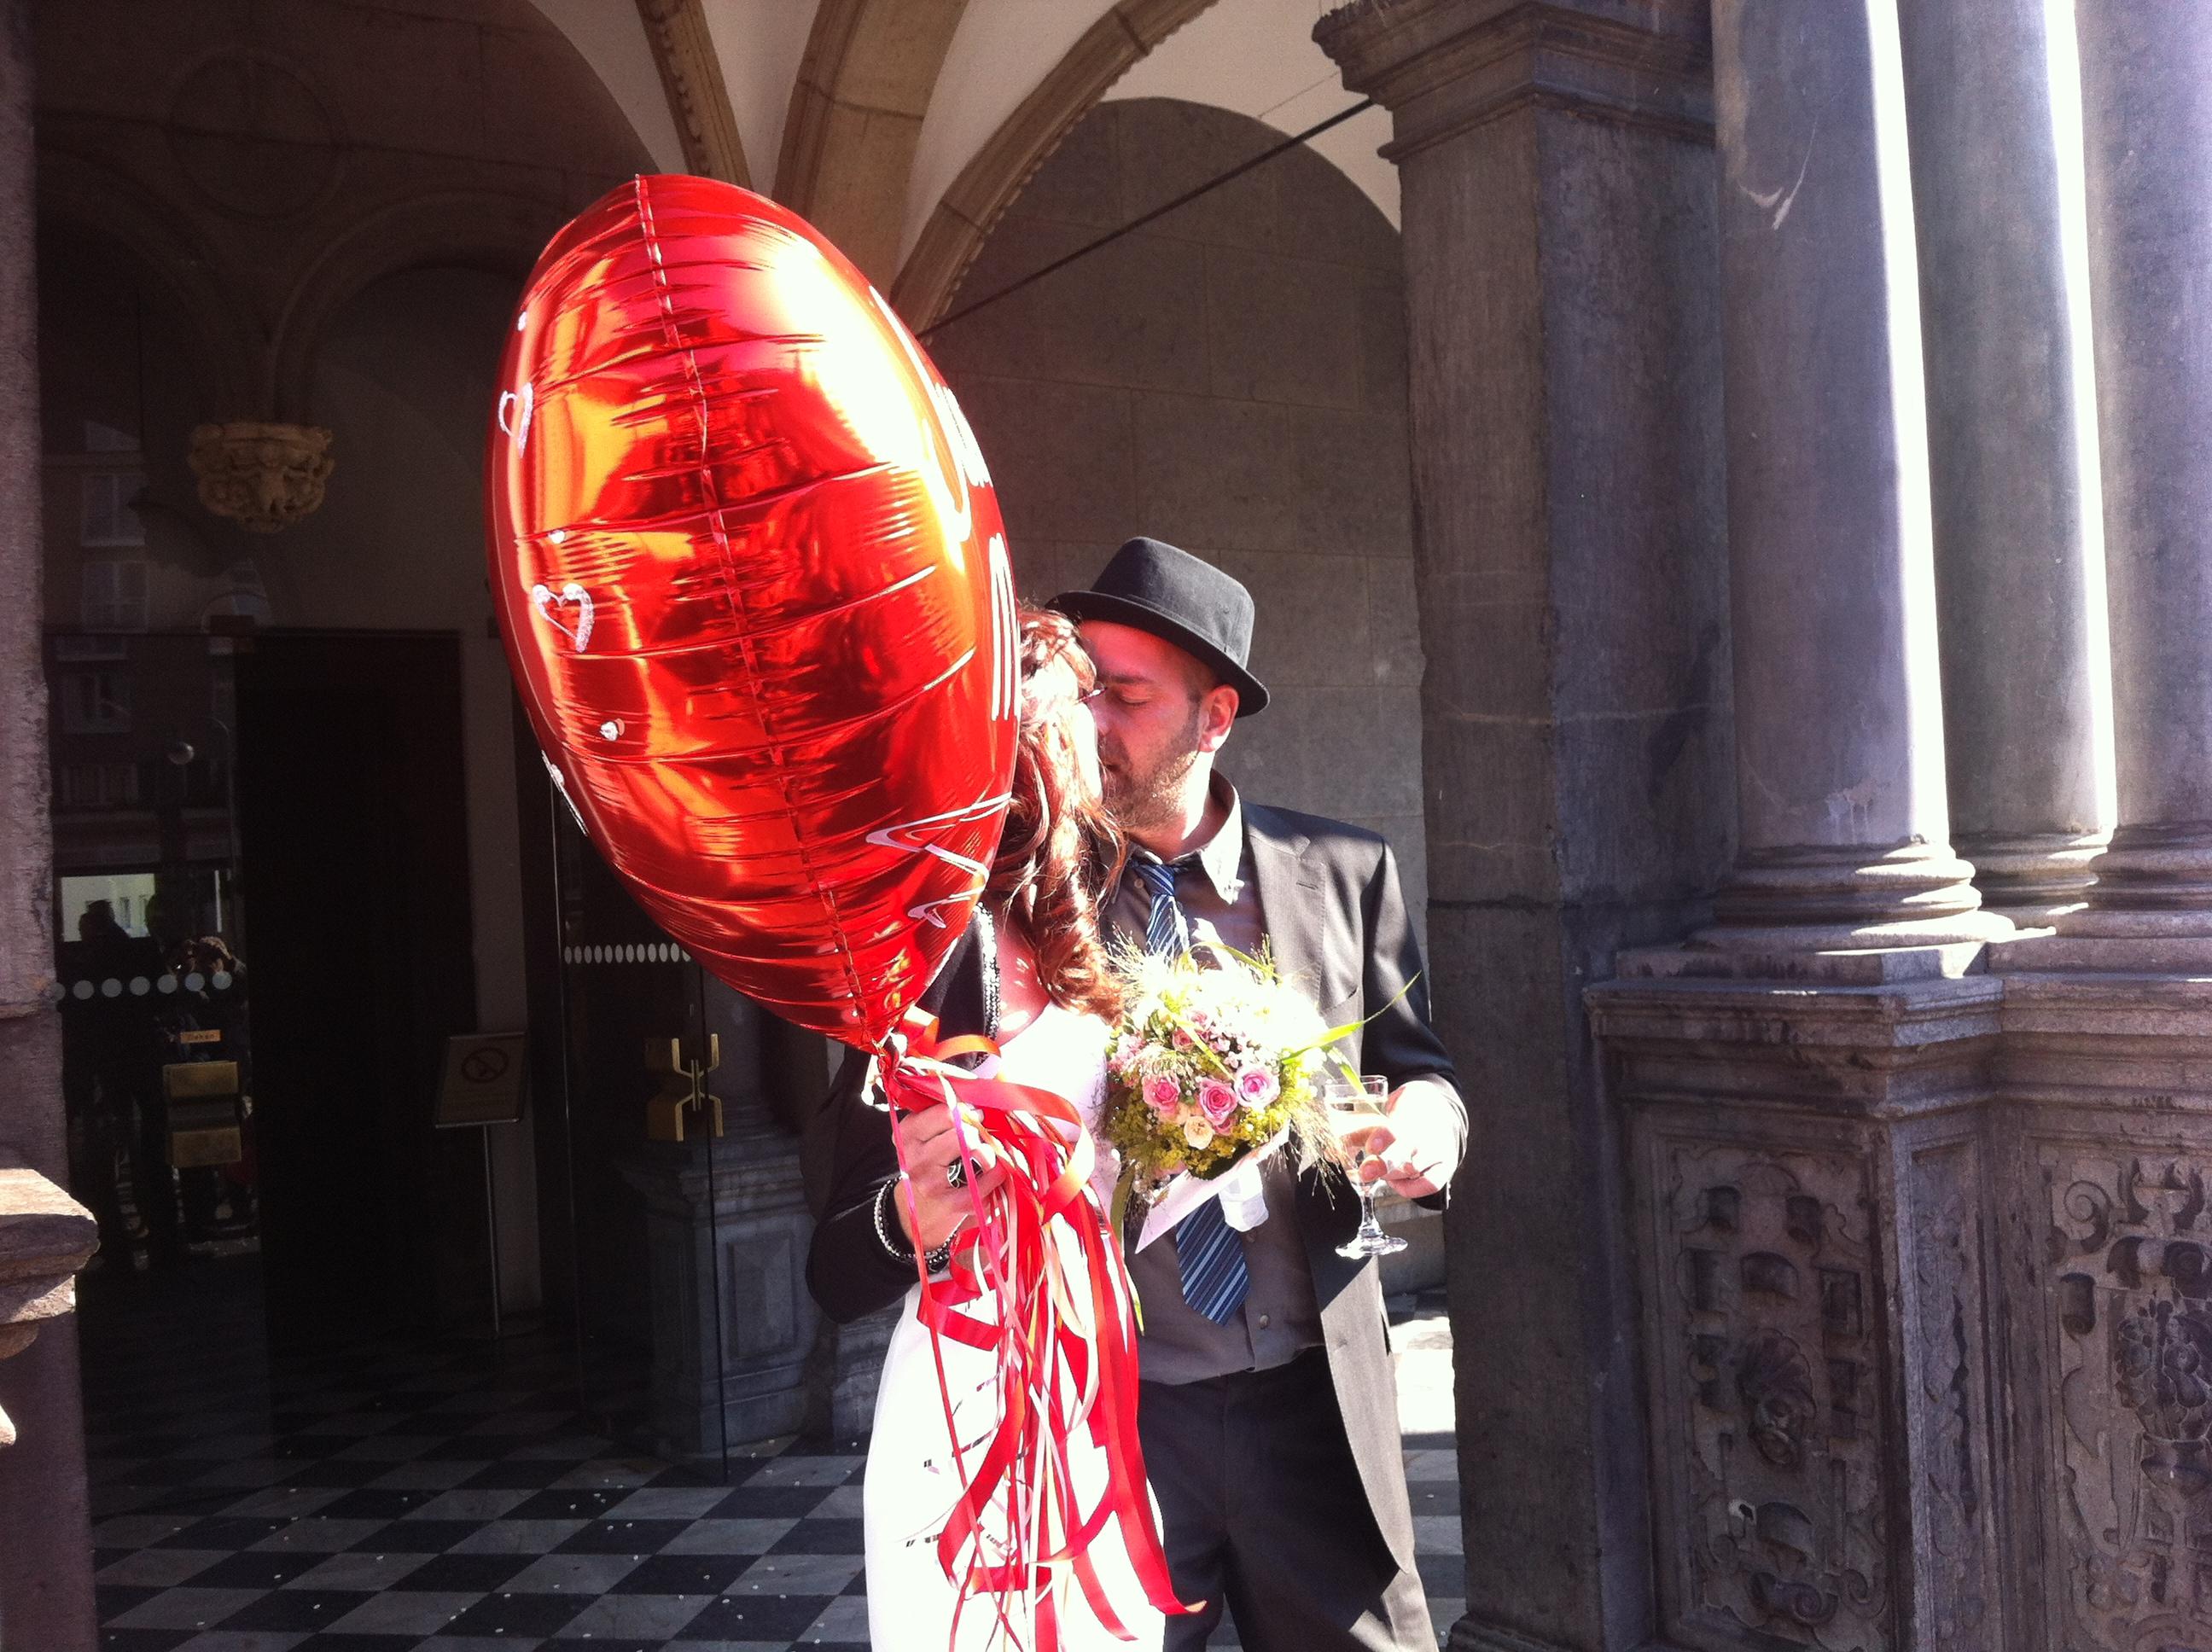 Colonia, una vez más muy emocional… lebe Köln am Rhein, Mario Schumacher Blog